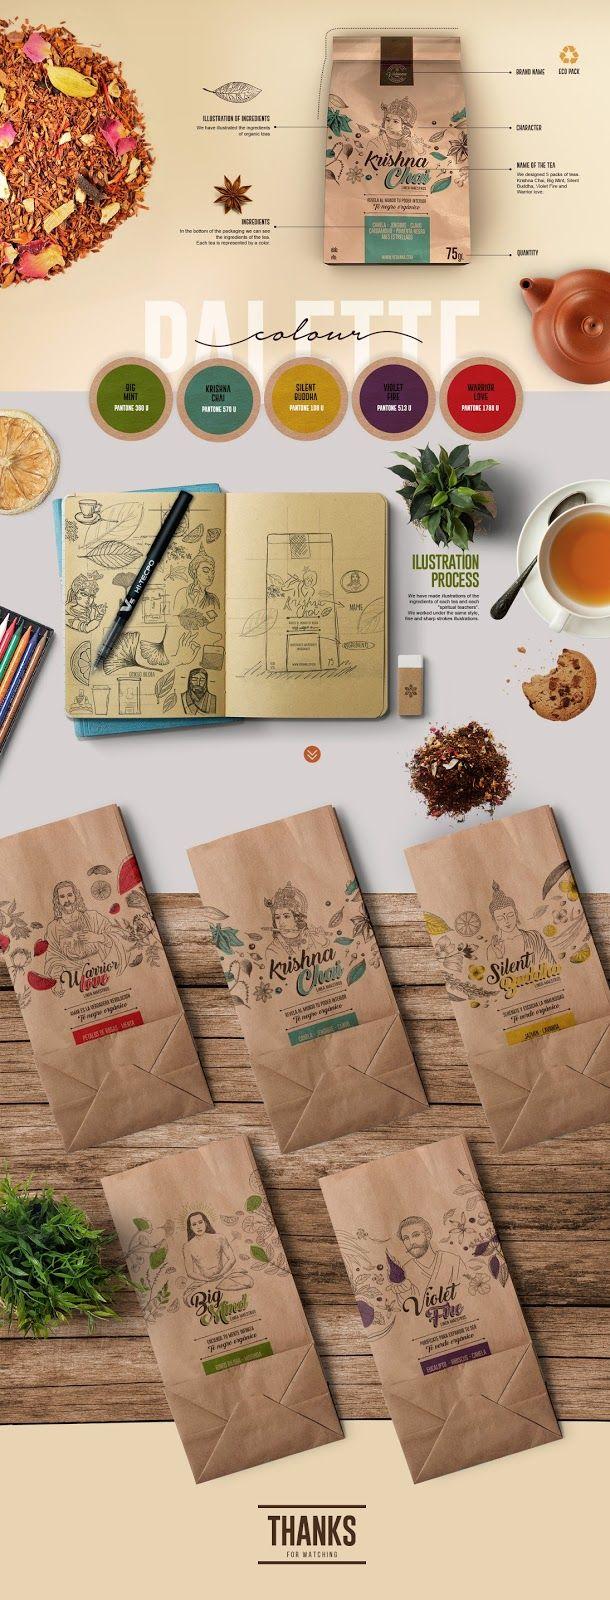 Identité visuelle de Vedanna Organic Teas